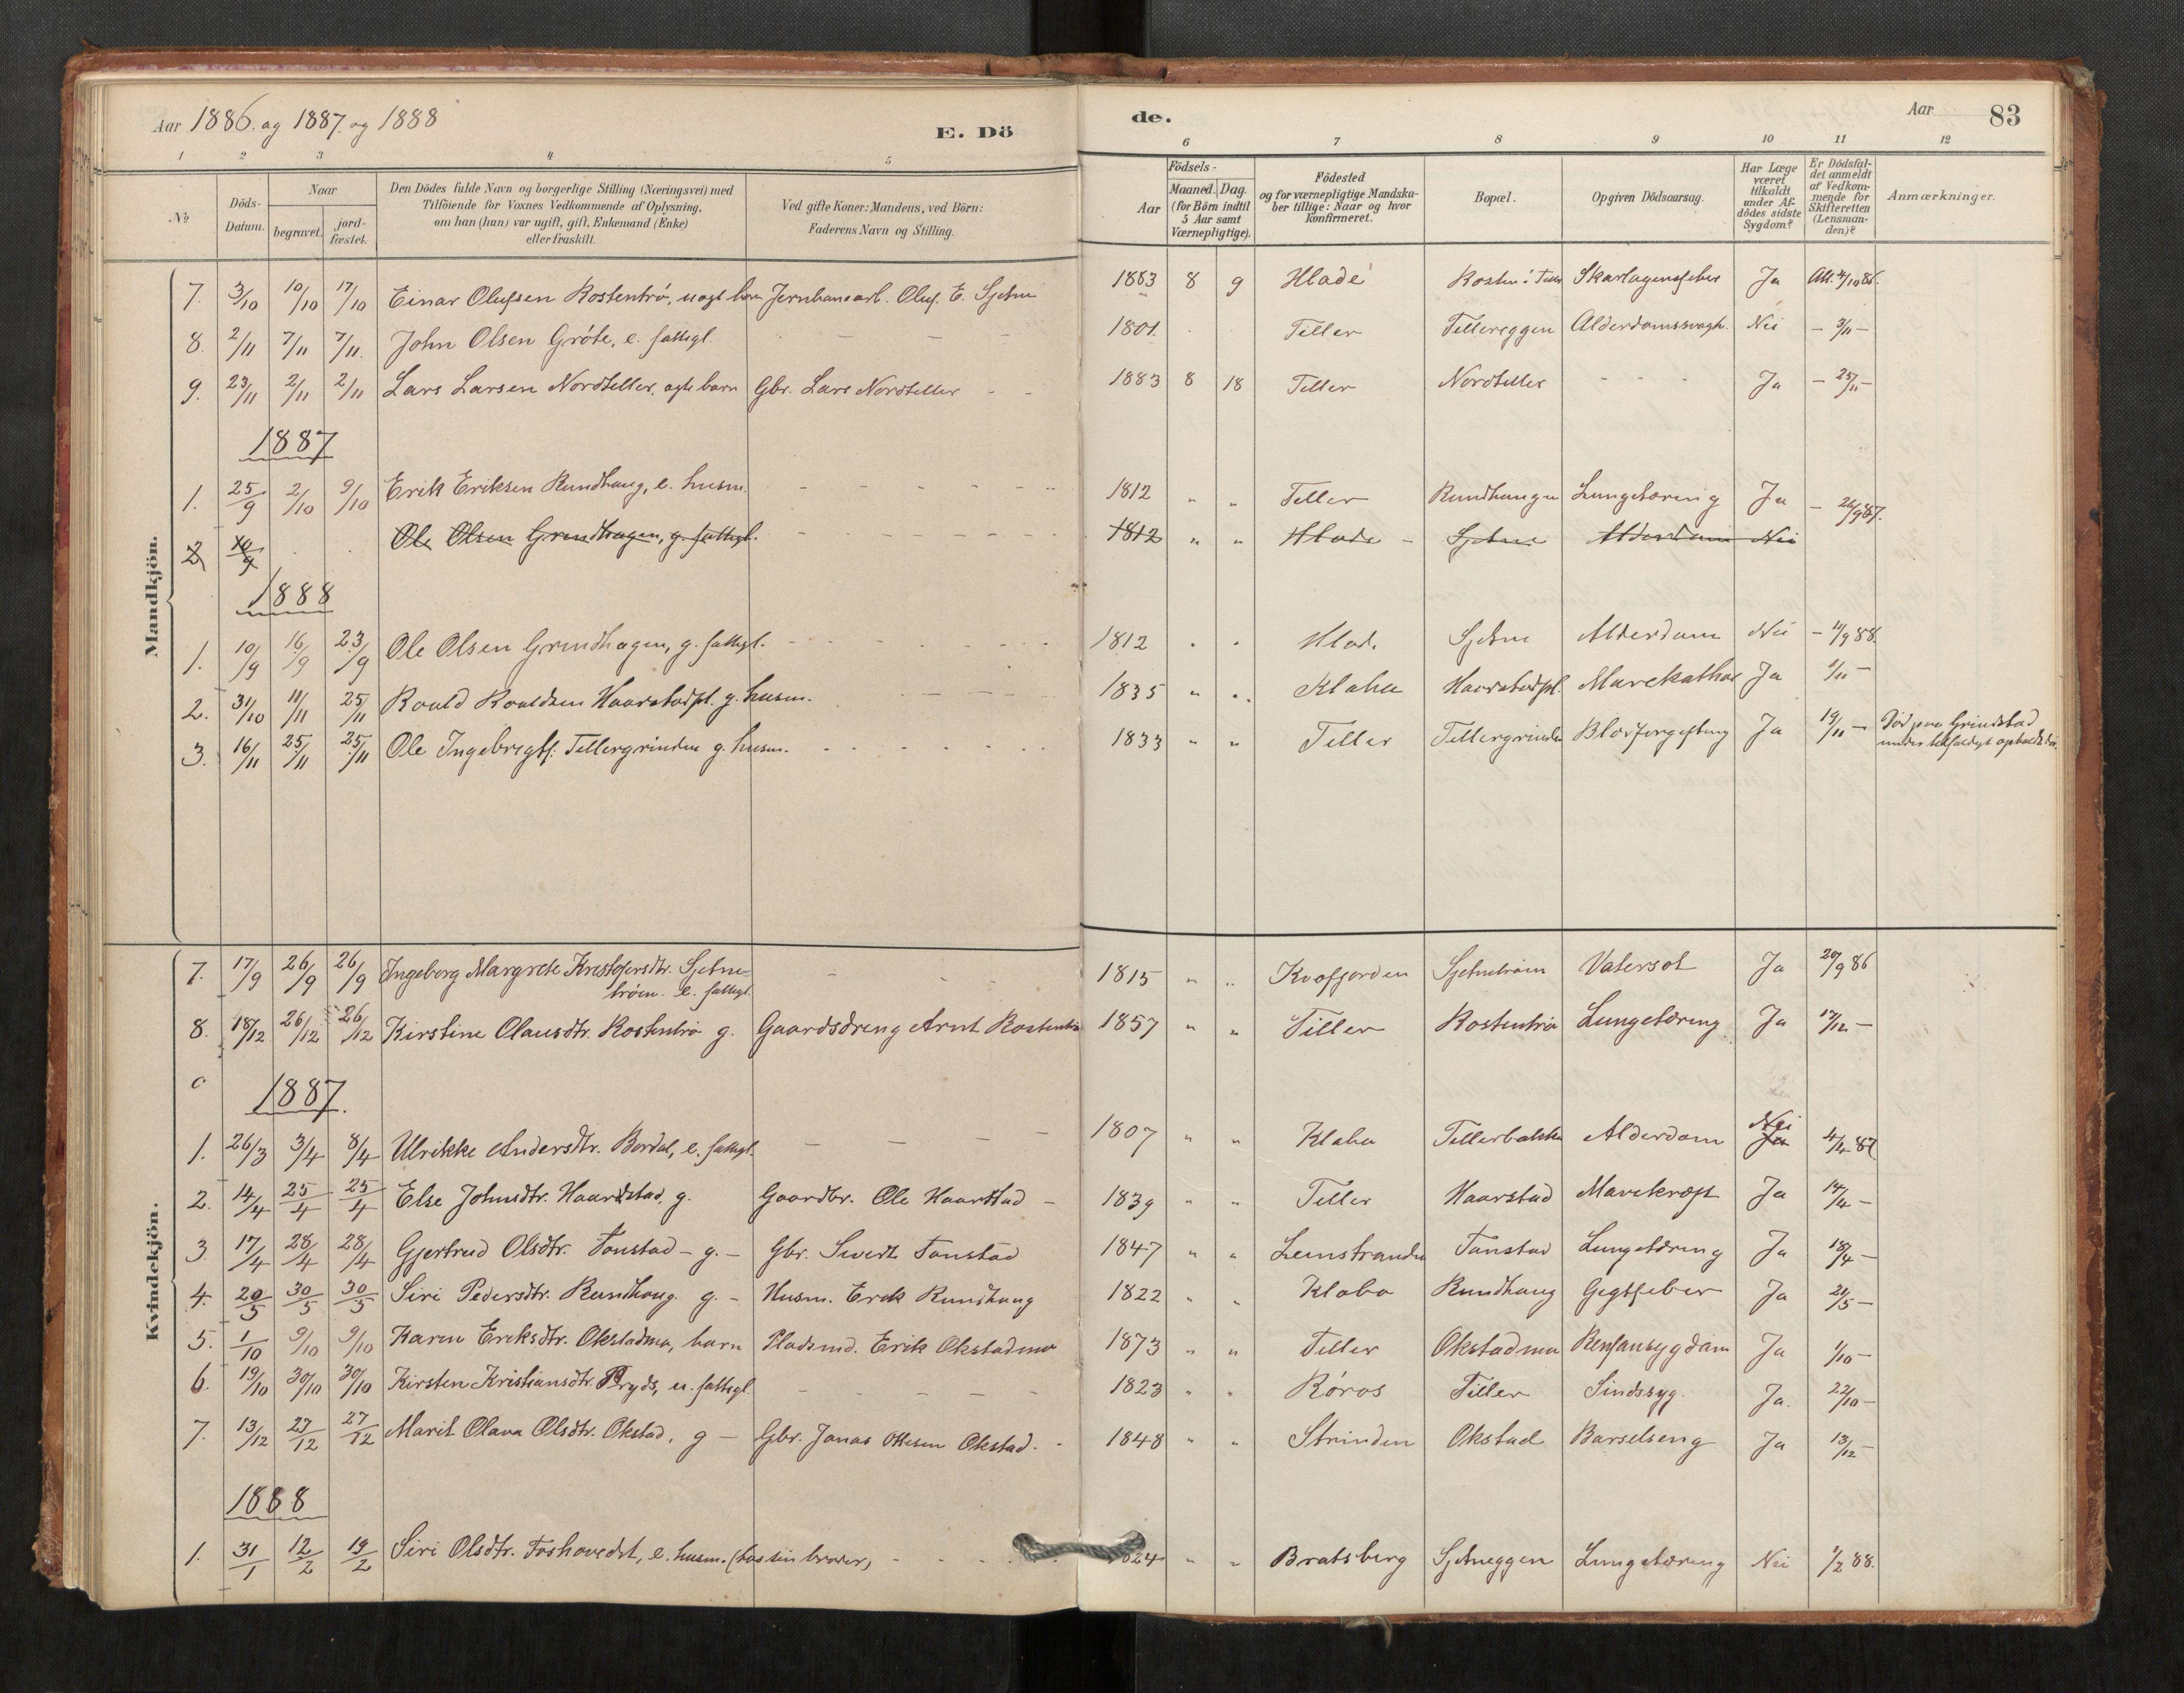 SAT, Klæbu sokneprestkontor, Parish register (official) no. 1, 1880-1900, p. 83